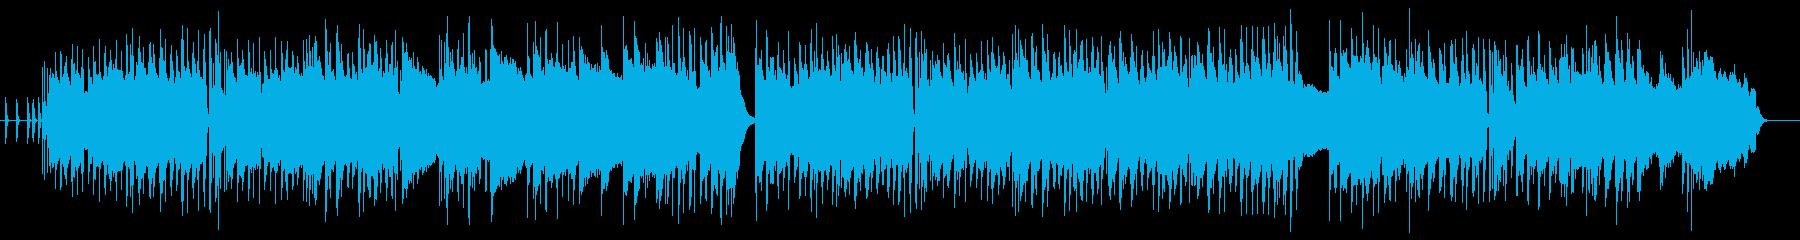 フルートとアコギのアップテンポカントリーの再生済みの波形